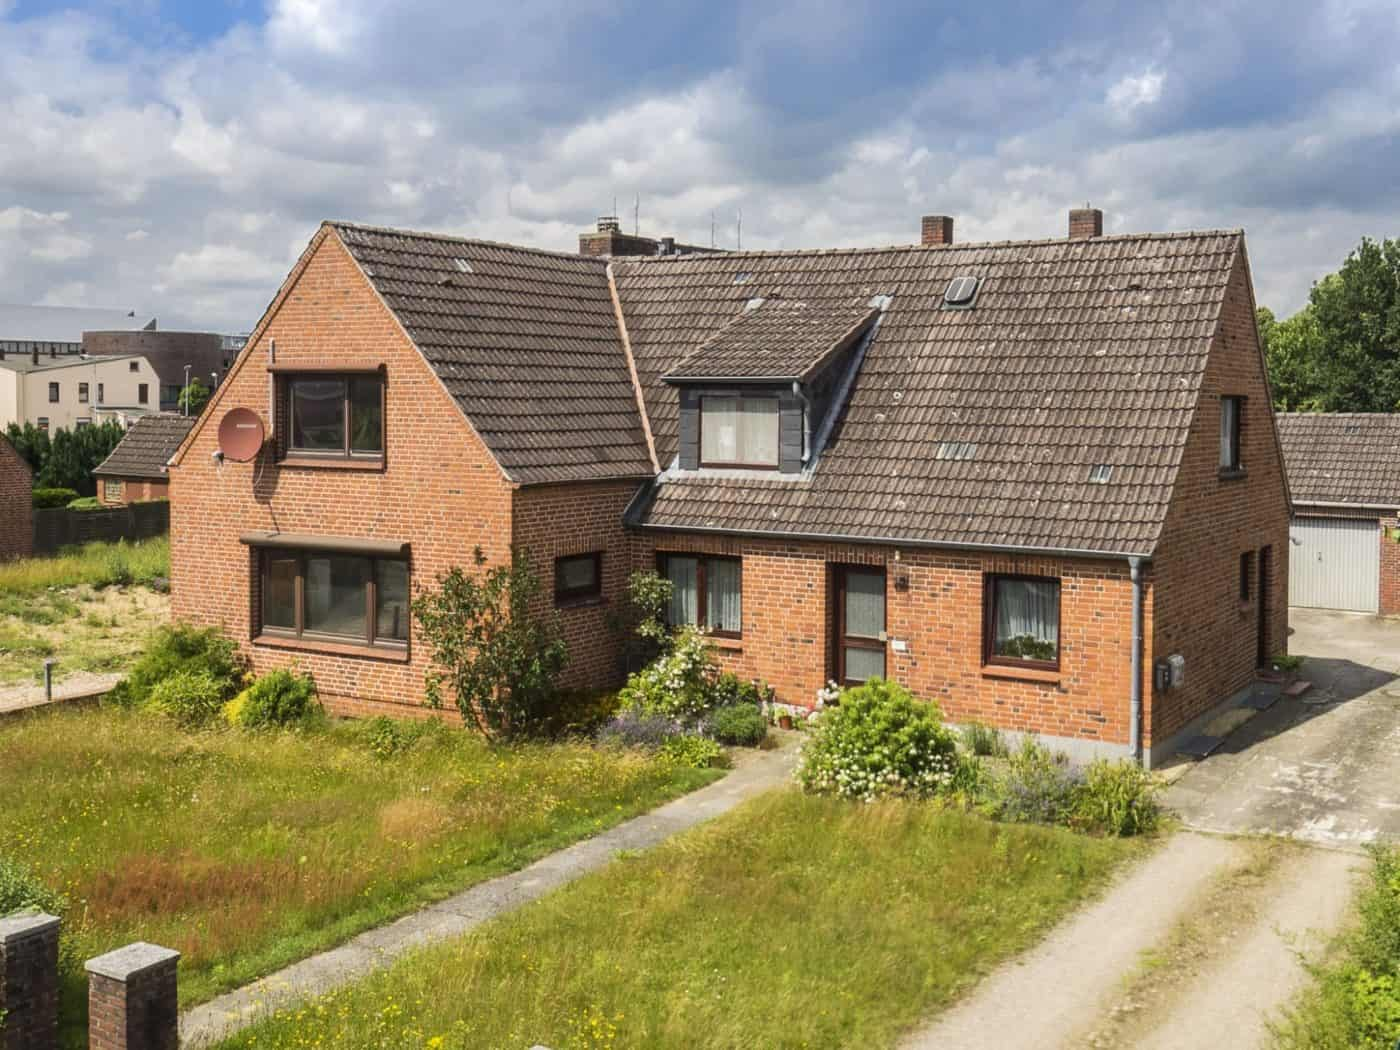 Immobilienmakler | | Siedlungshaus mit 2 Wohneinheiten inkl. Baugrundstück | Quickborn | Ellerau | Bönningstedt | Hamburg | Norderstedt | Pinneberg